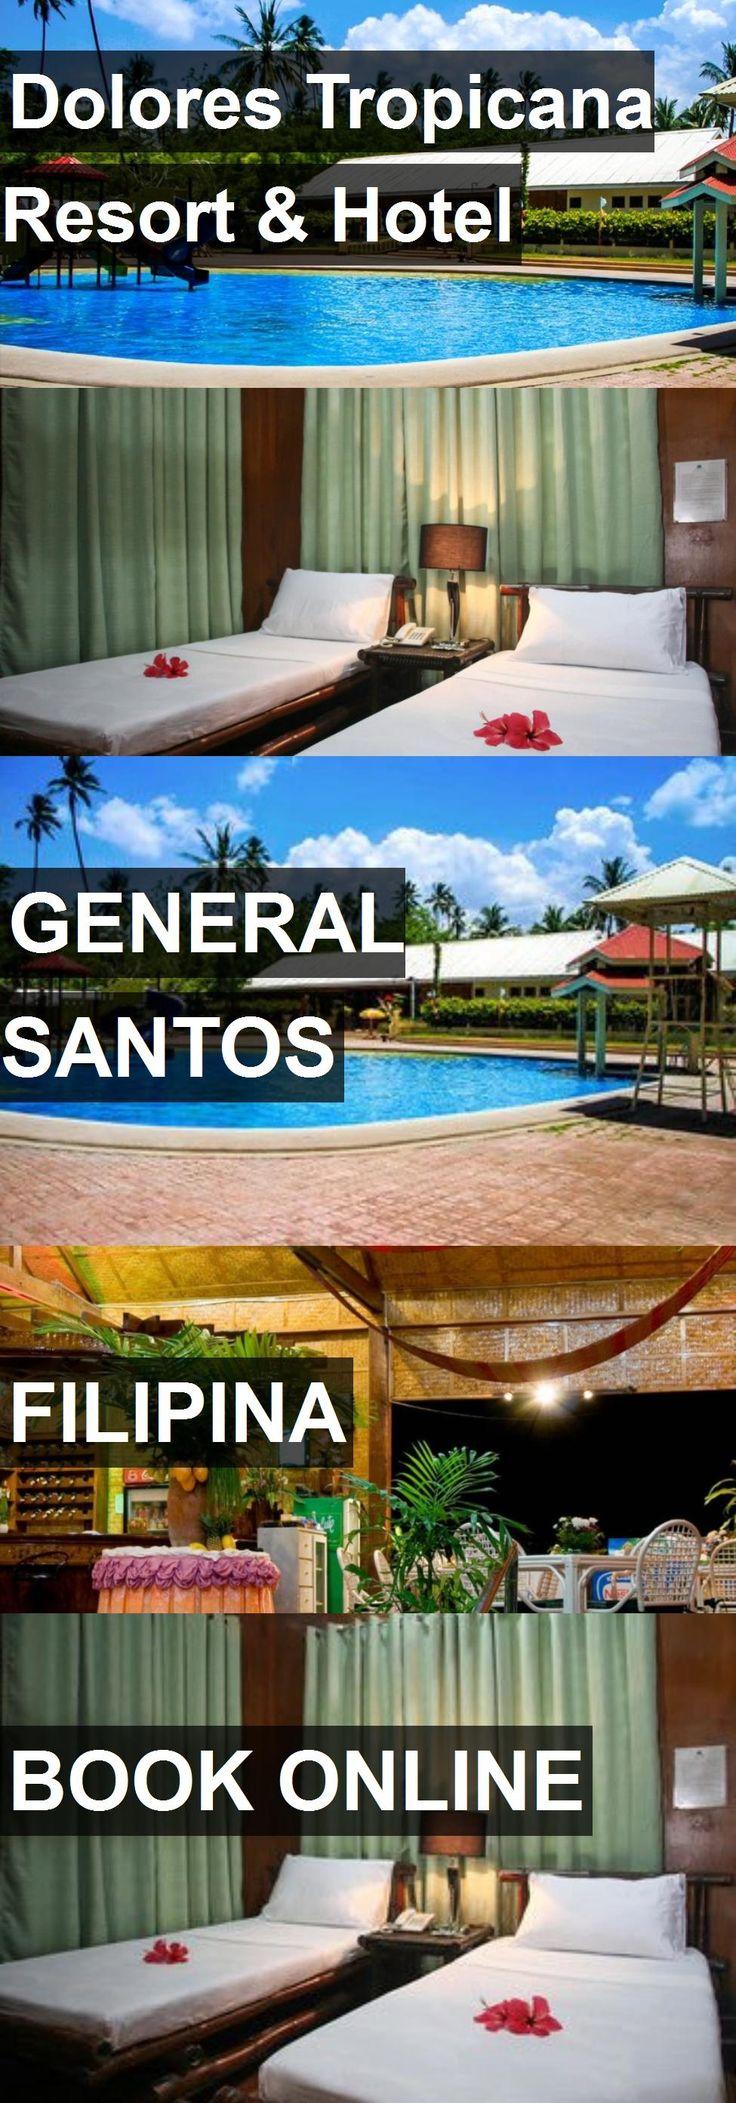 Dolores Tropicana Resort